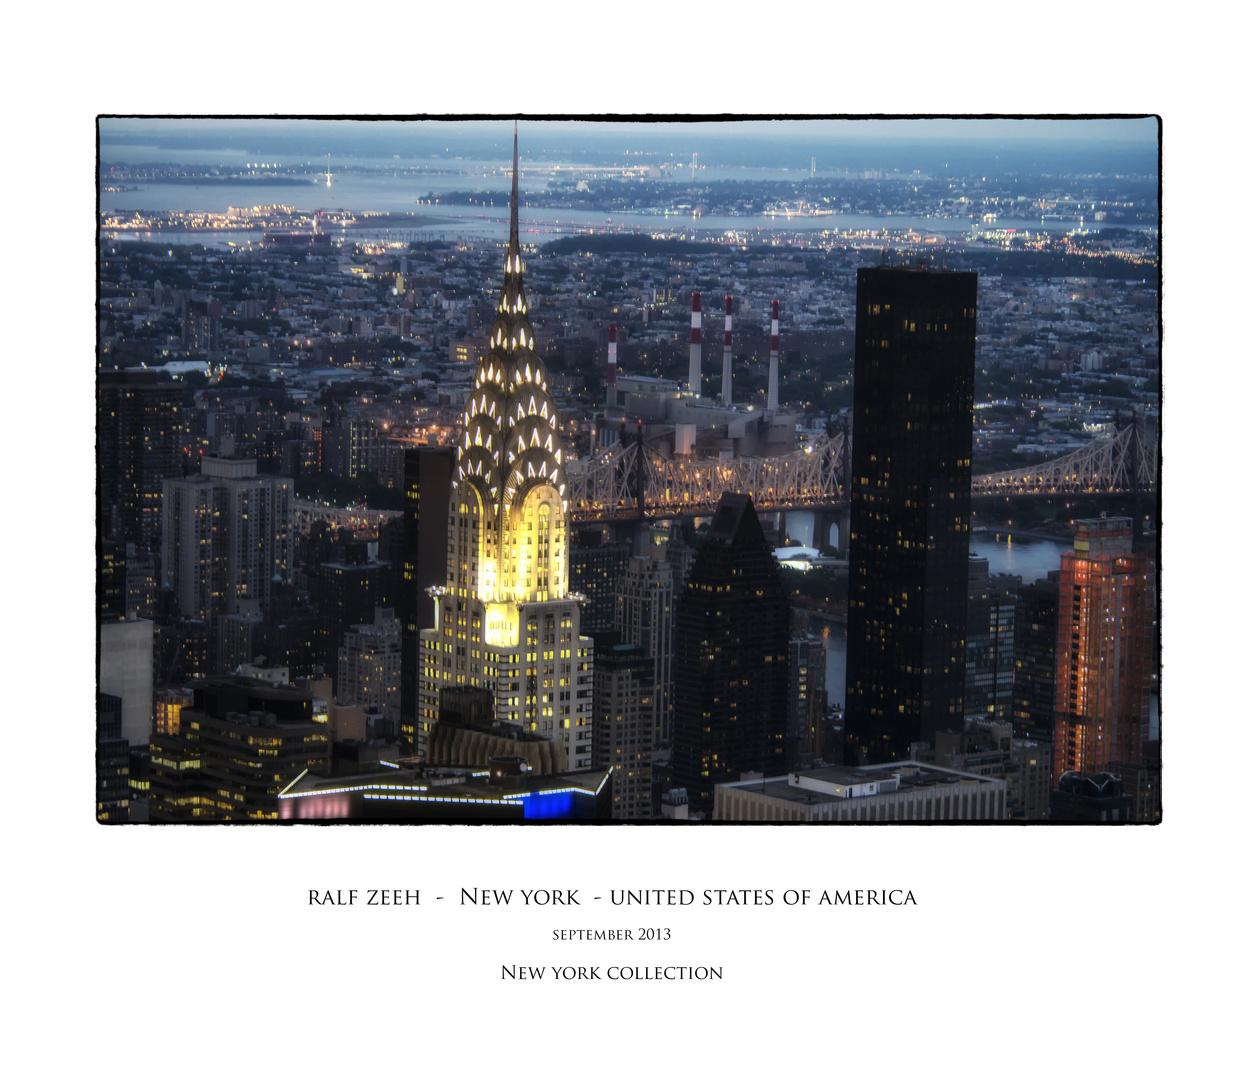 vom Empire State Building aus gemacht no.3